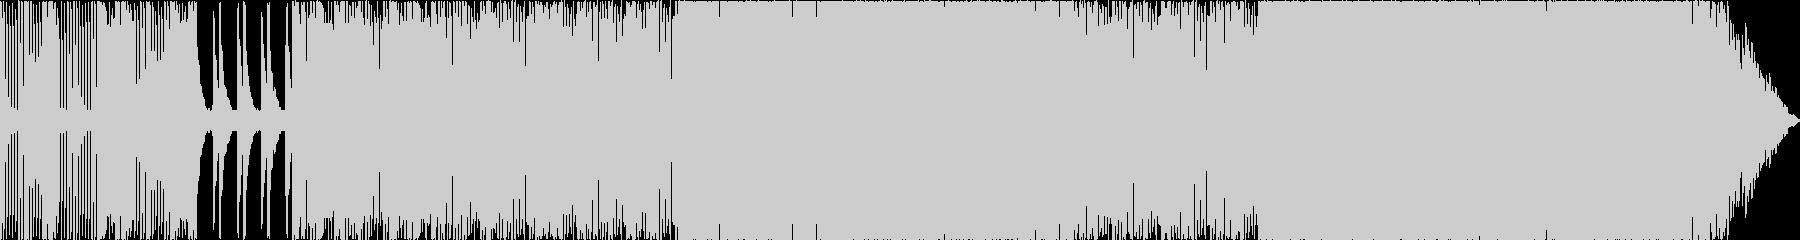 低音にパンチが効いた4つ打ちトラックの未再生の波形